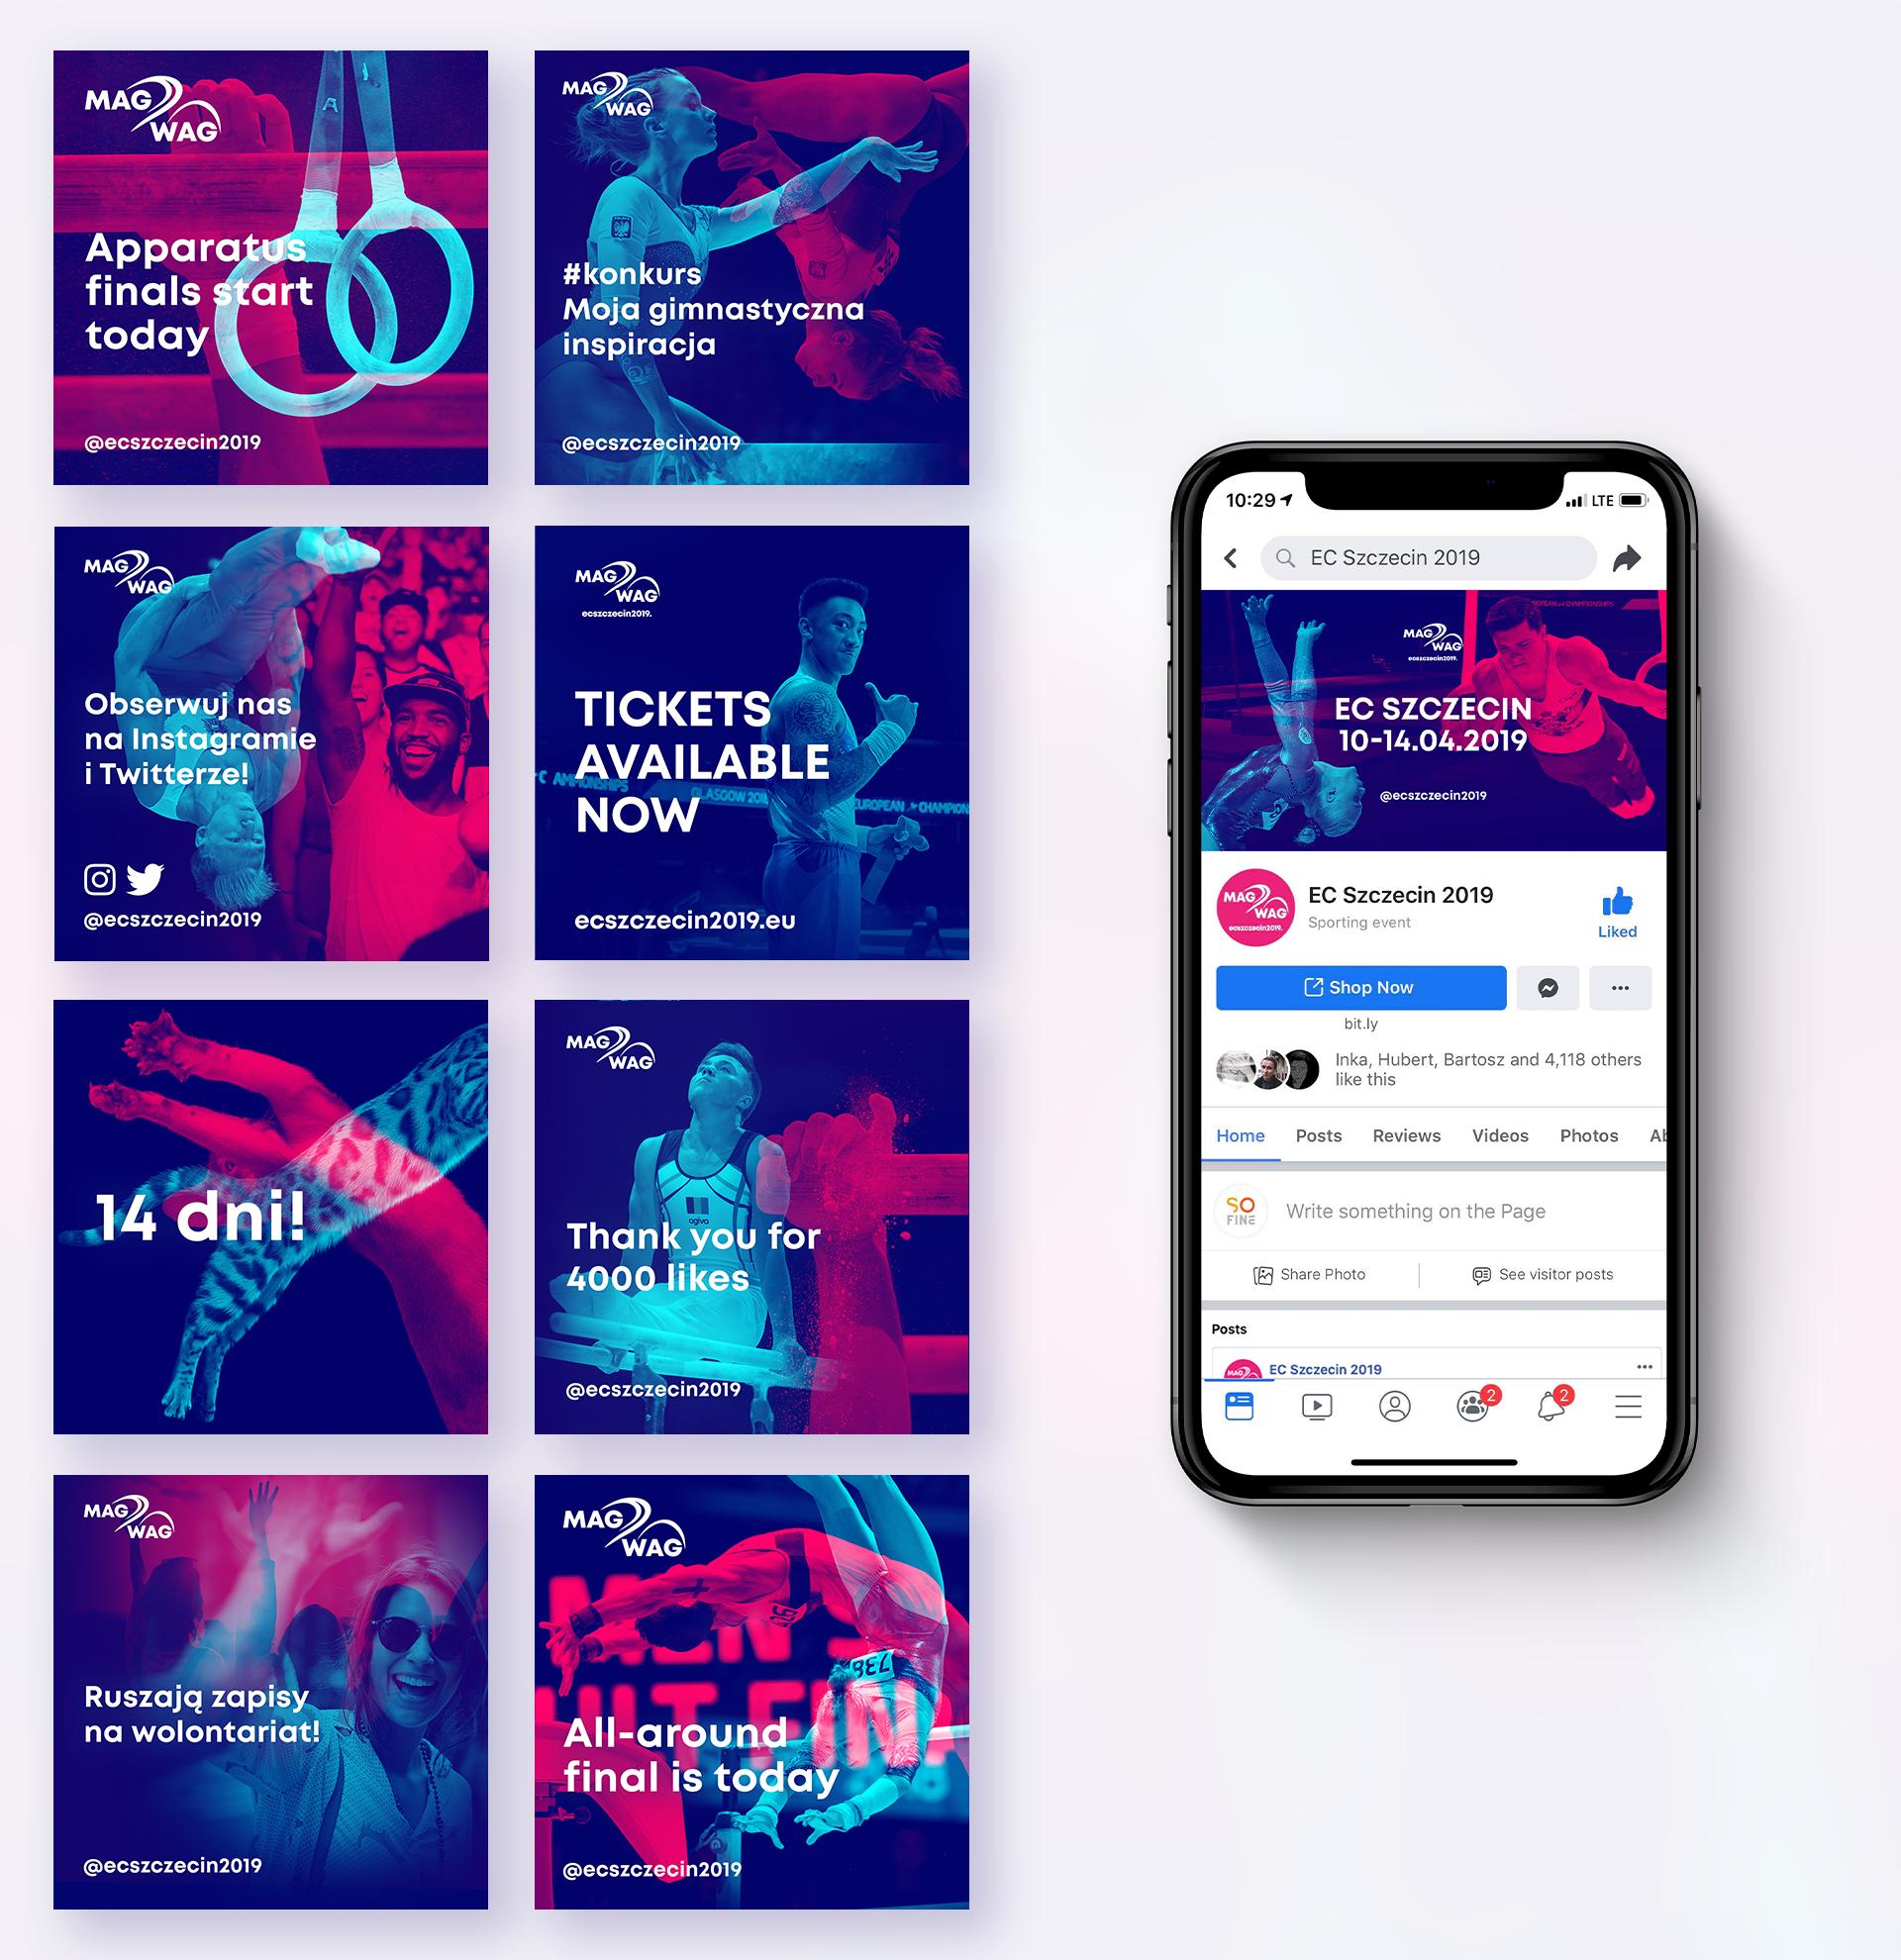 EC Szczecin 2019 - piękny sport|piękny projekt